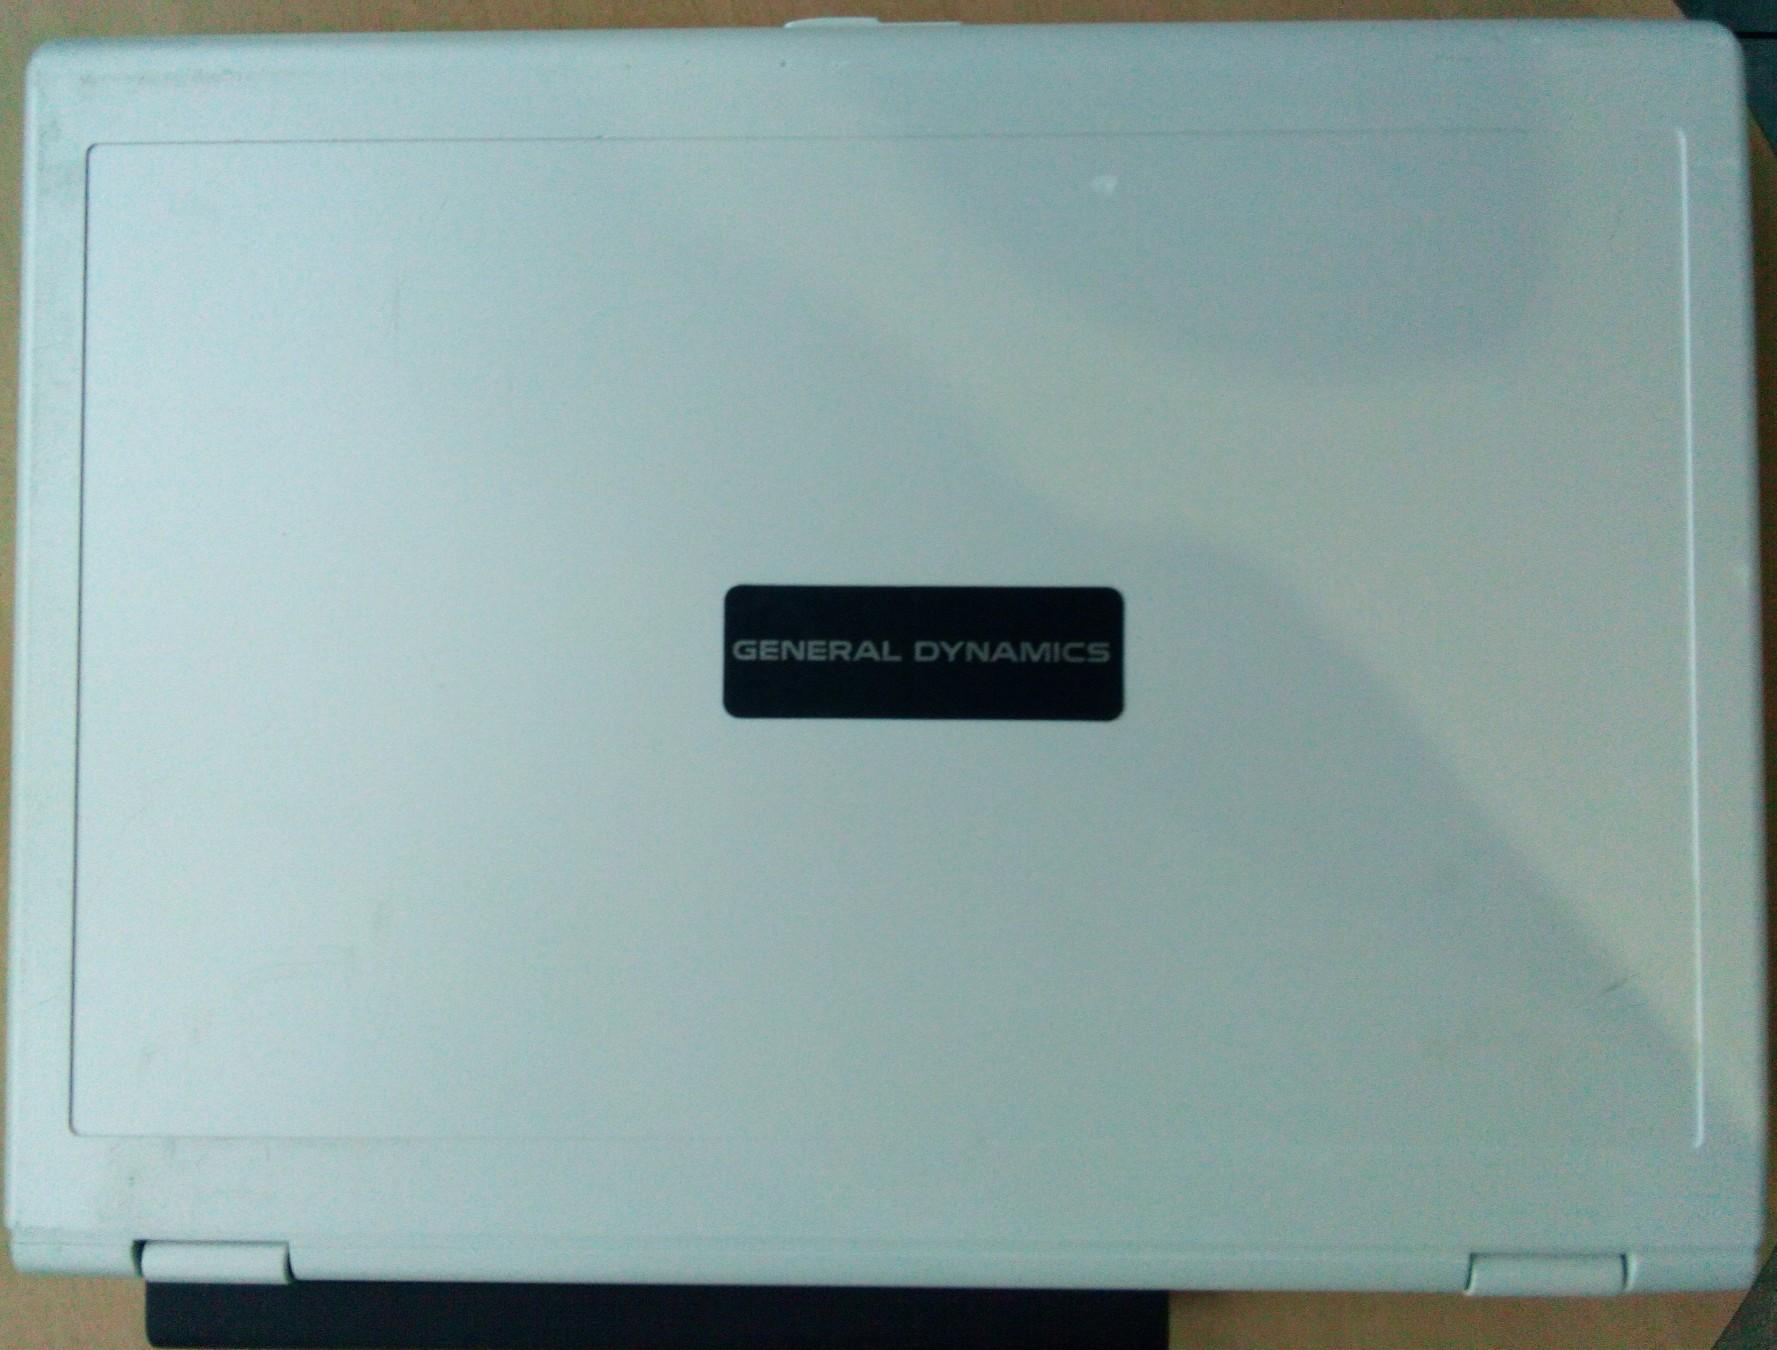 CLEVO 665 PCMCIA WINDOWS 10 DRIVER